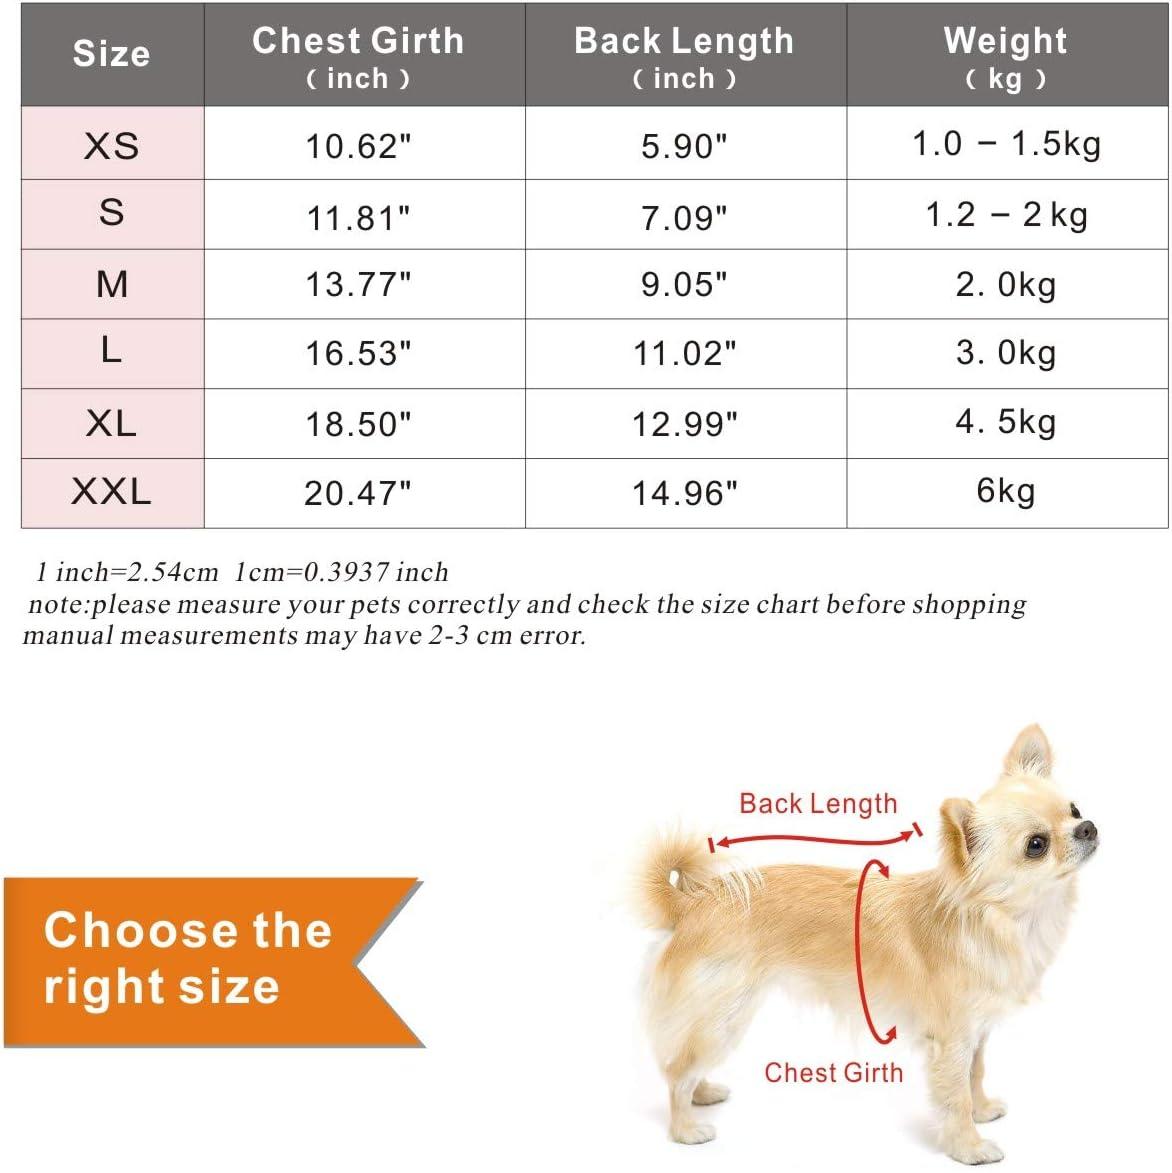 Comodi Maglioni per Cuccioli di Cani Felpe con Cappuccio per Gatti Abbigliamento per Animali Vestiti per Cani Caldi Invernali Maglioni per Gatti Idepet Maglione per Animali Domestici